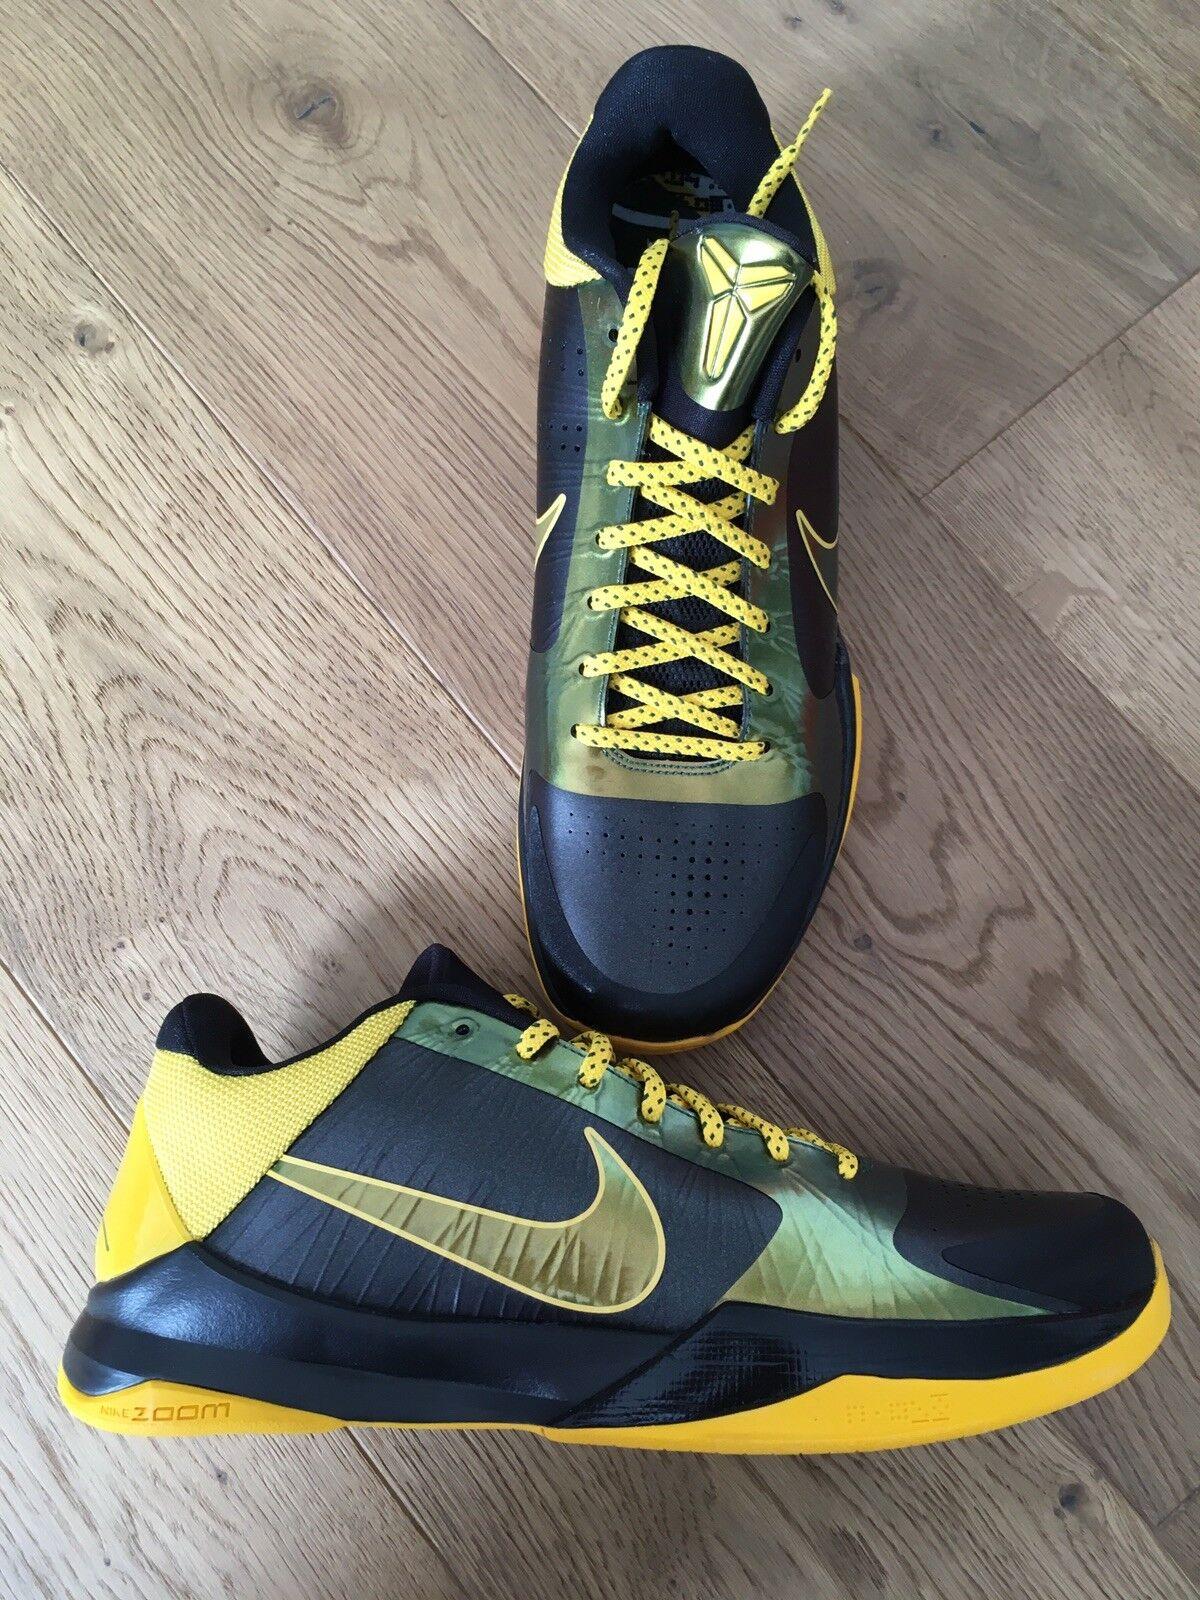 Nike air jordan retrò 2018 x 10 sono di nuovo vertice 2018 retrò uomini sz 13 bianco nero 310805-104 66e084